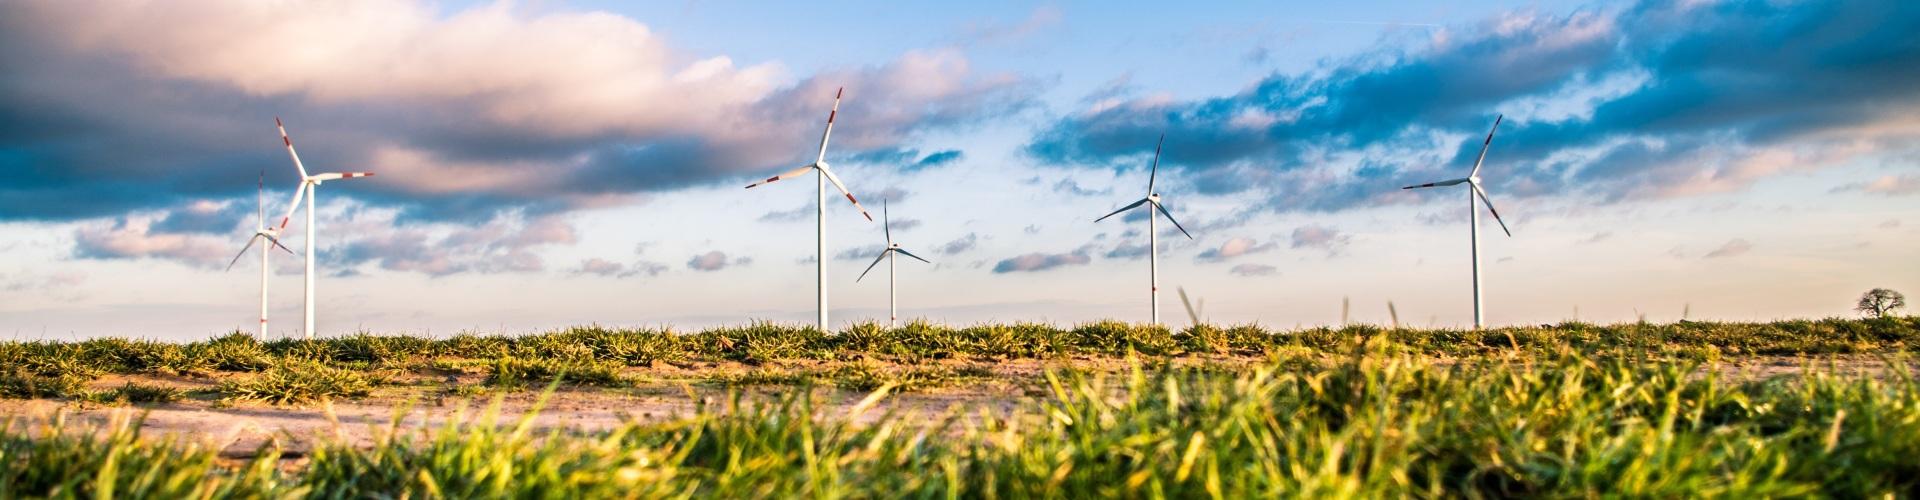 windmolens met groen gras en blauwe lucht